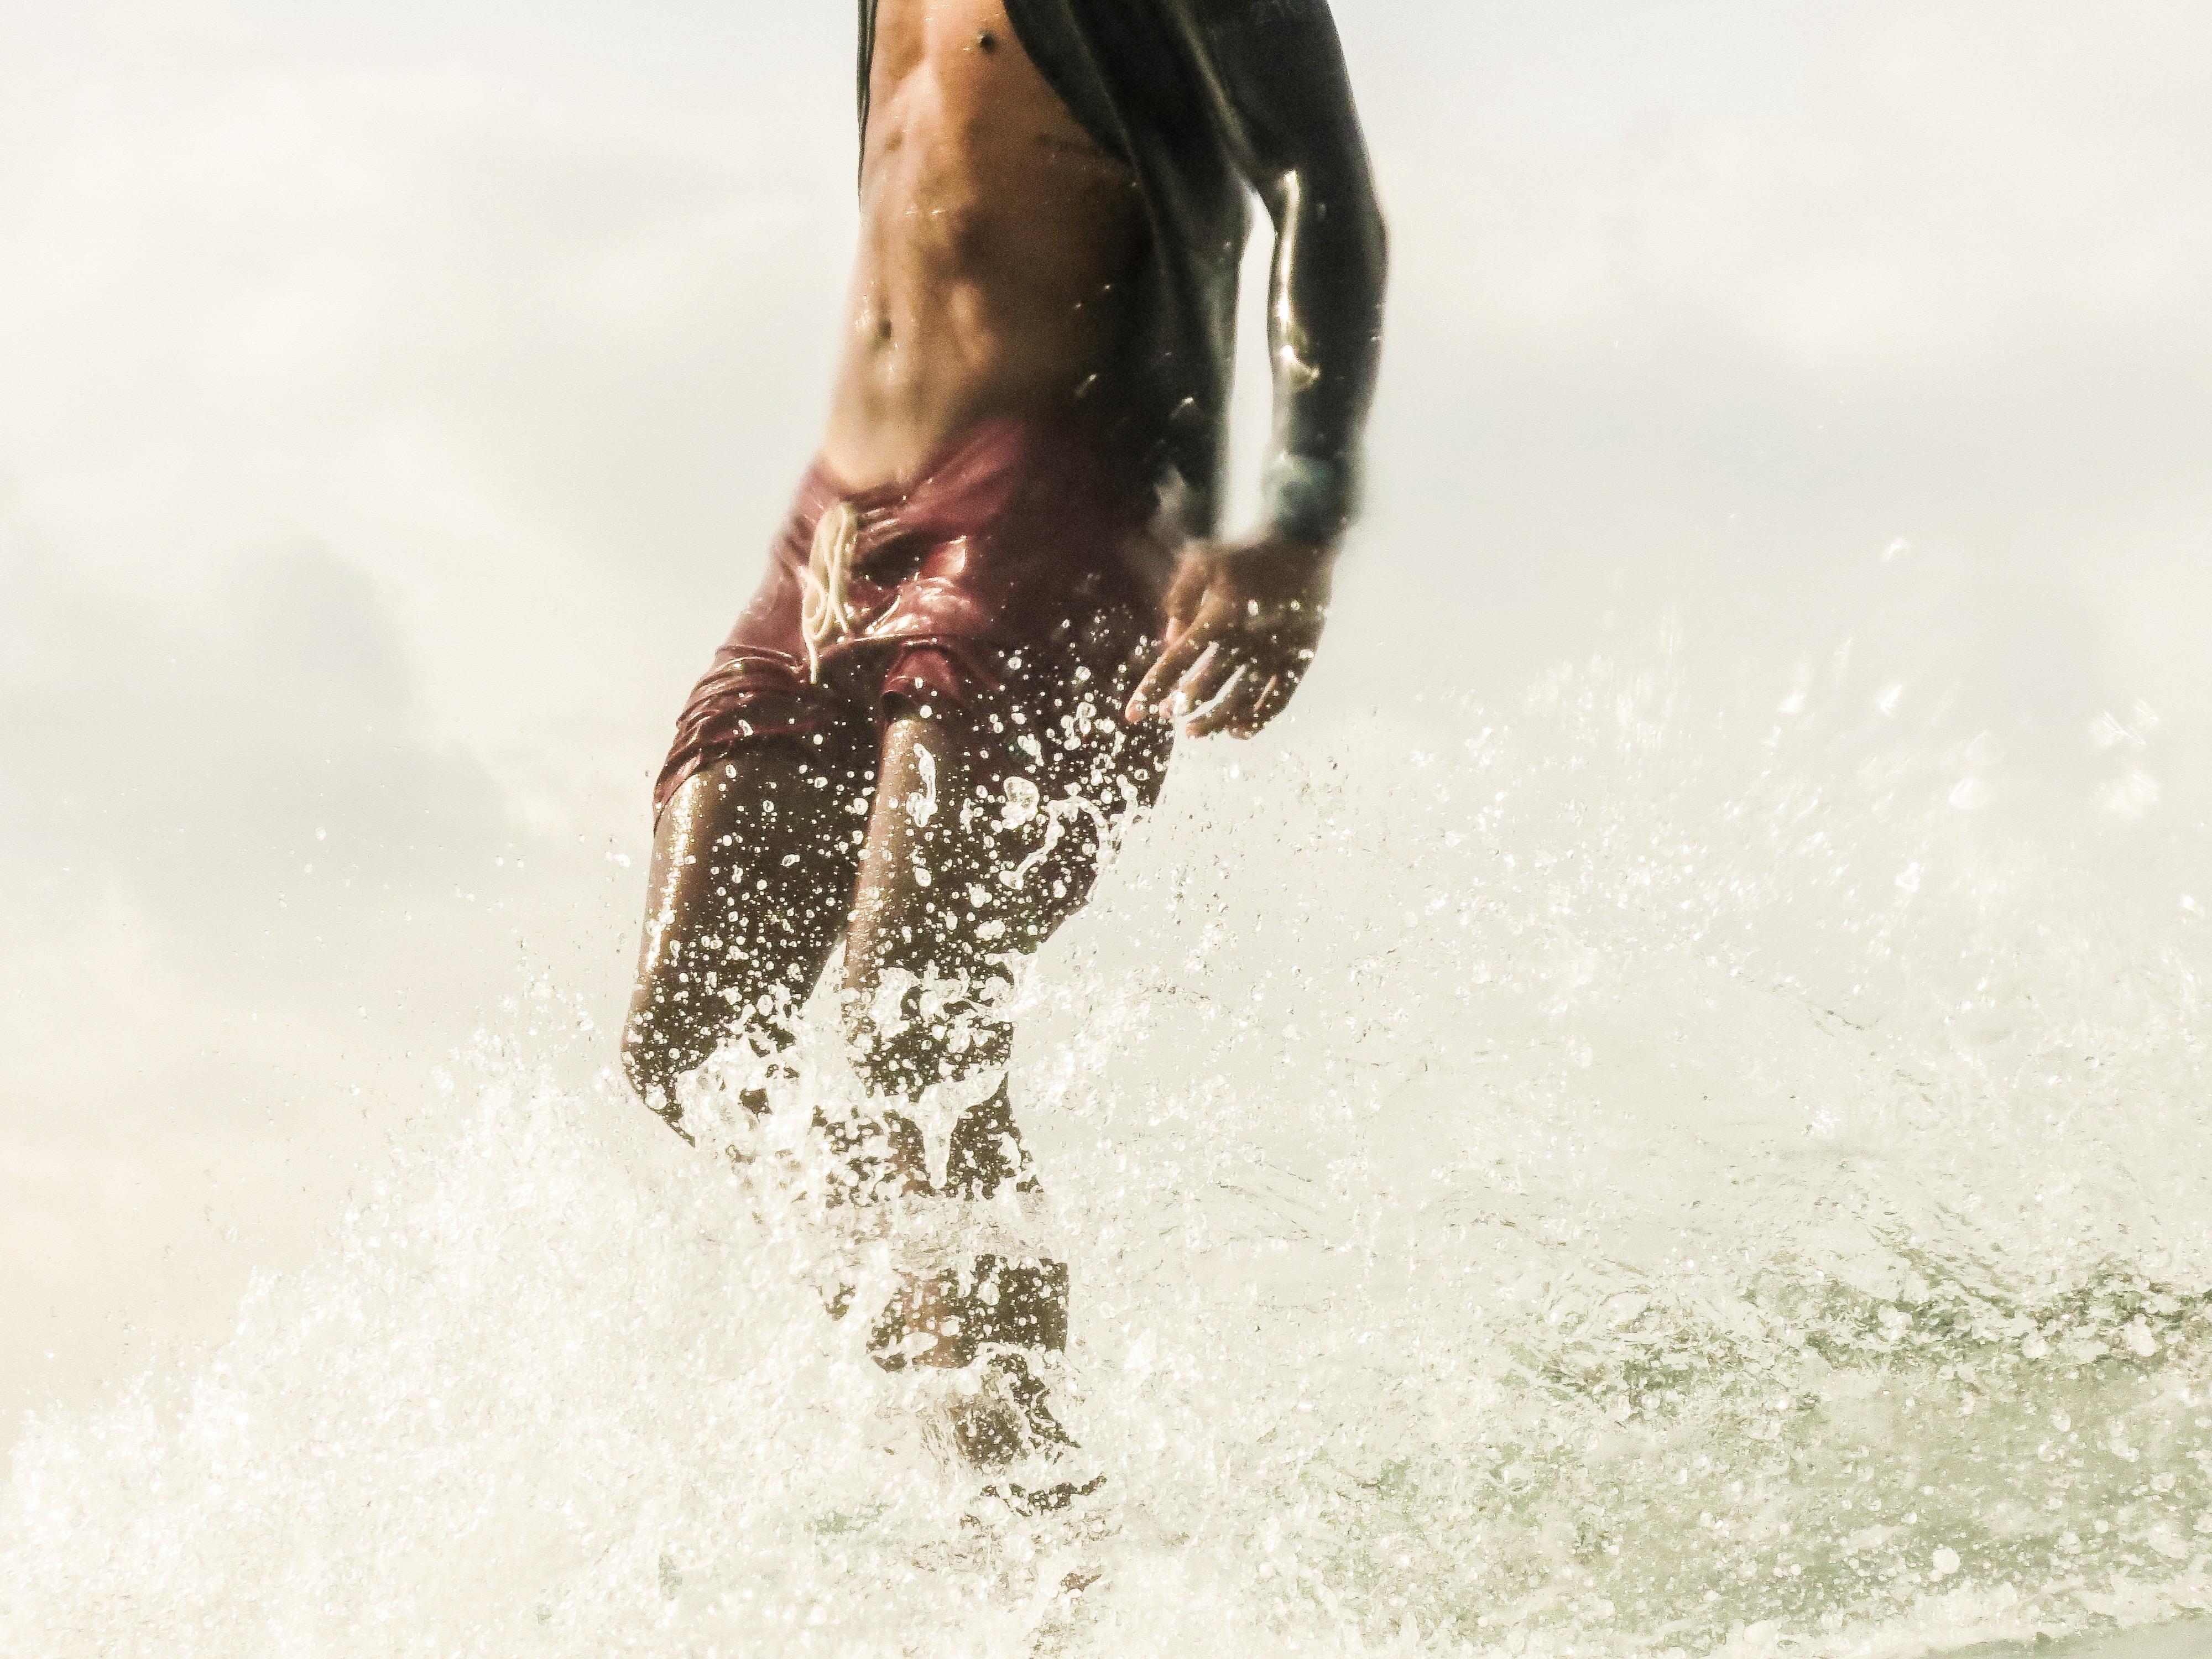 ayok canggu interview photo three credit jemma scott mvmnt surf savage thrills